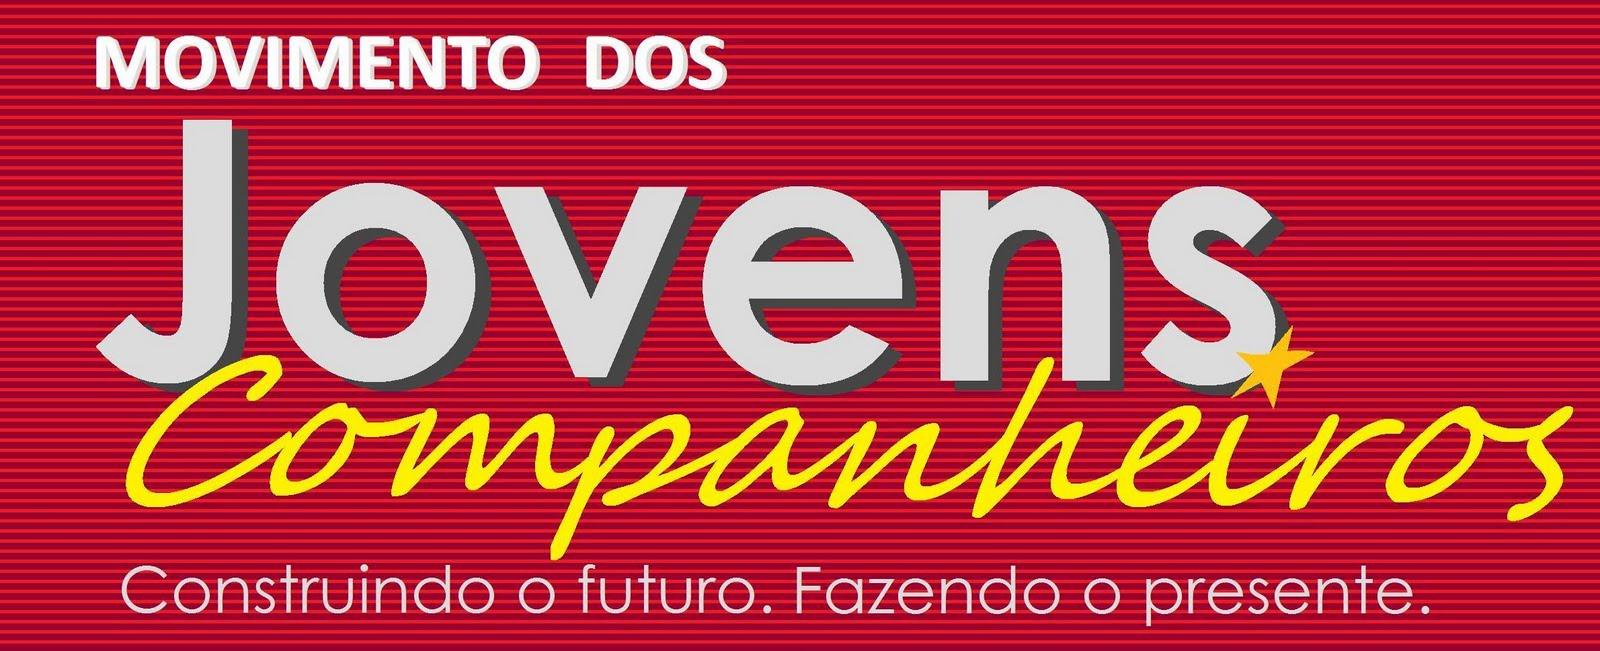 Construindo o futuro, fazendo o presente.  M.J.C ¹³ São Bernardo do Campo 1ª Família